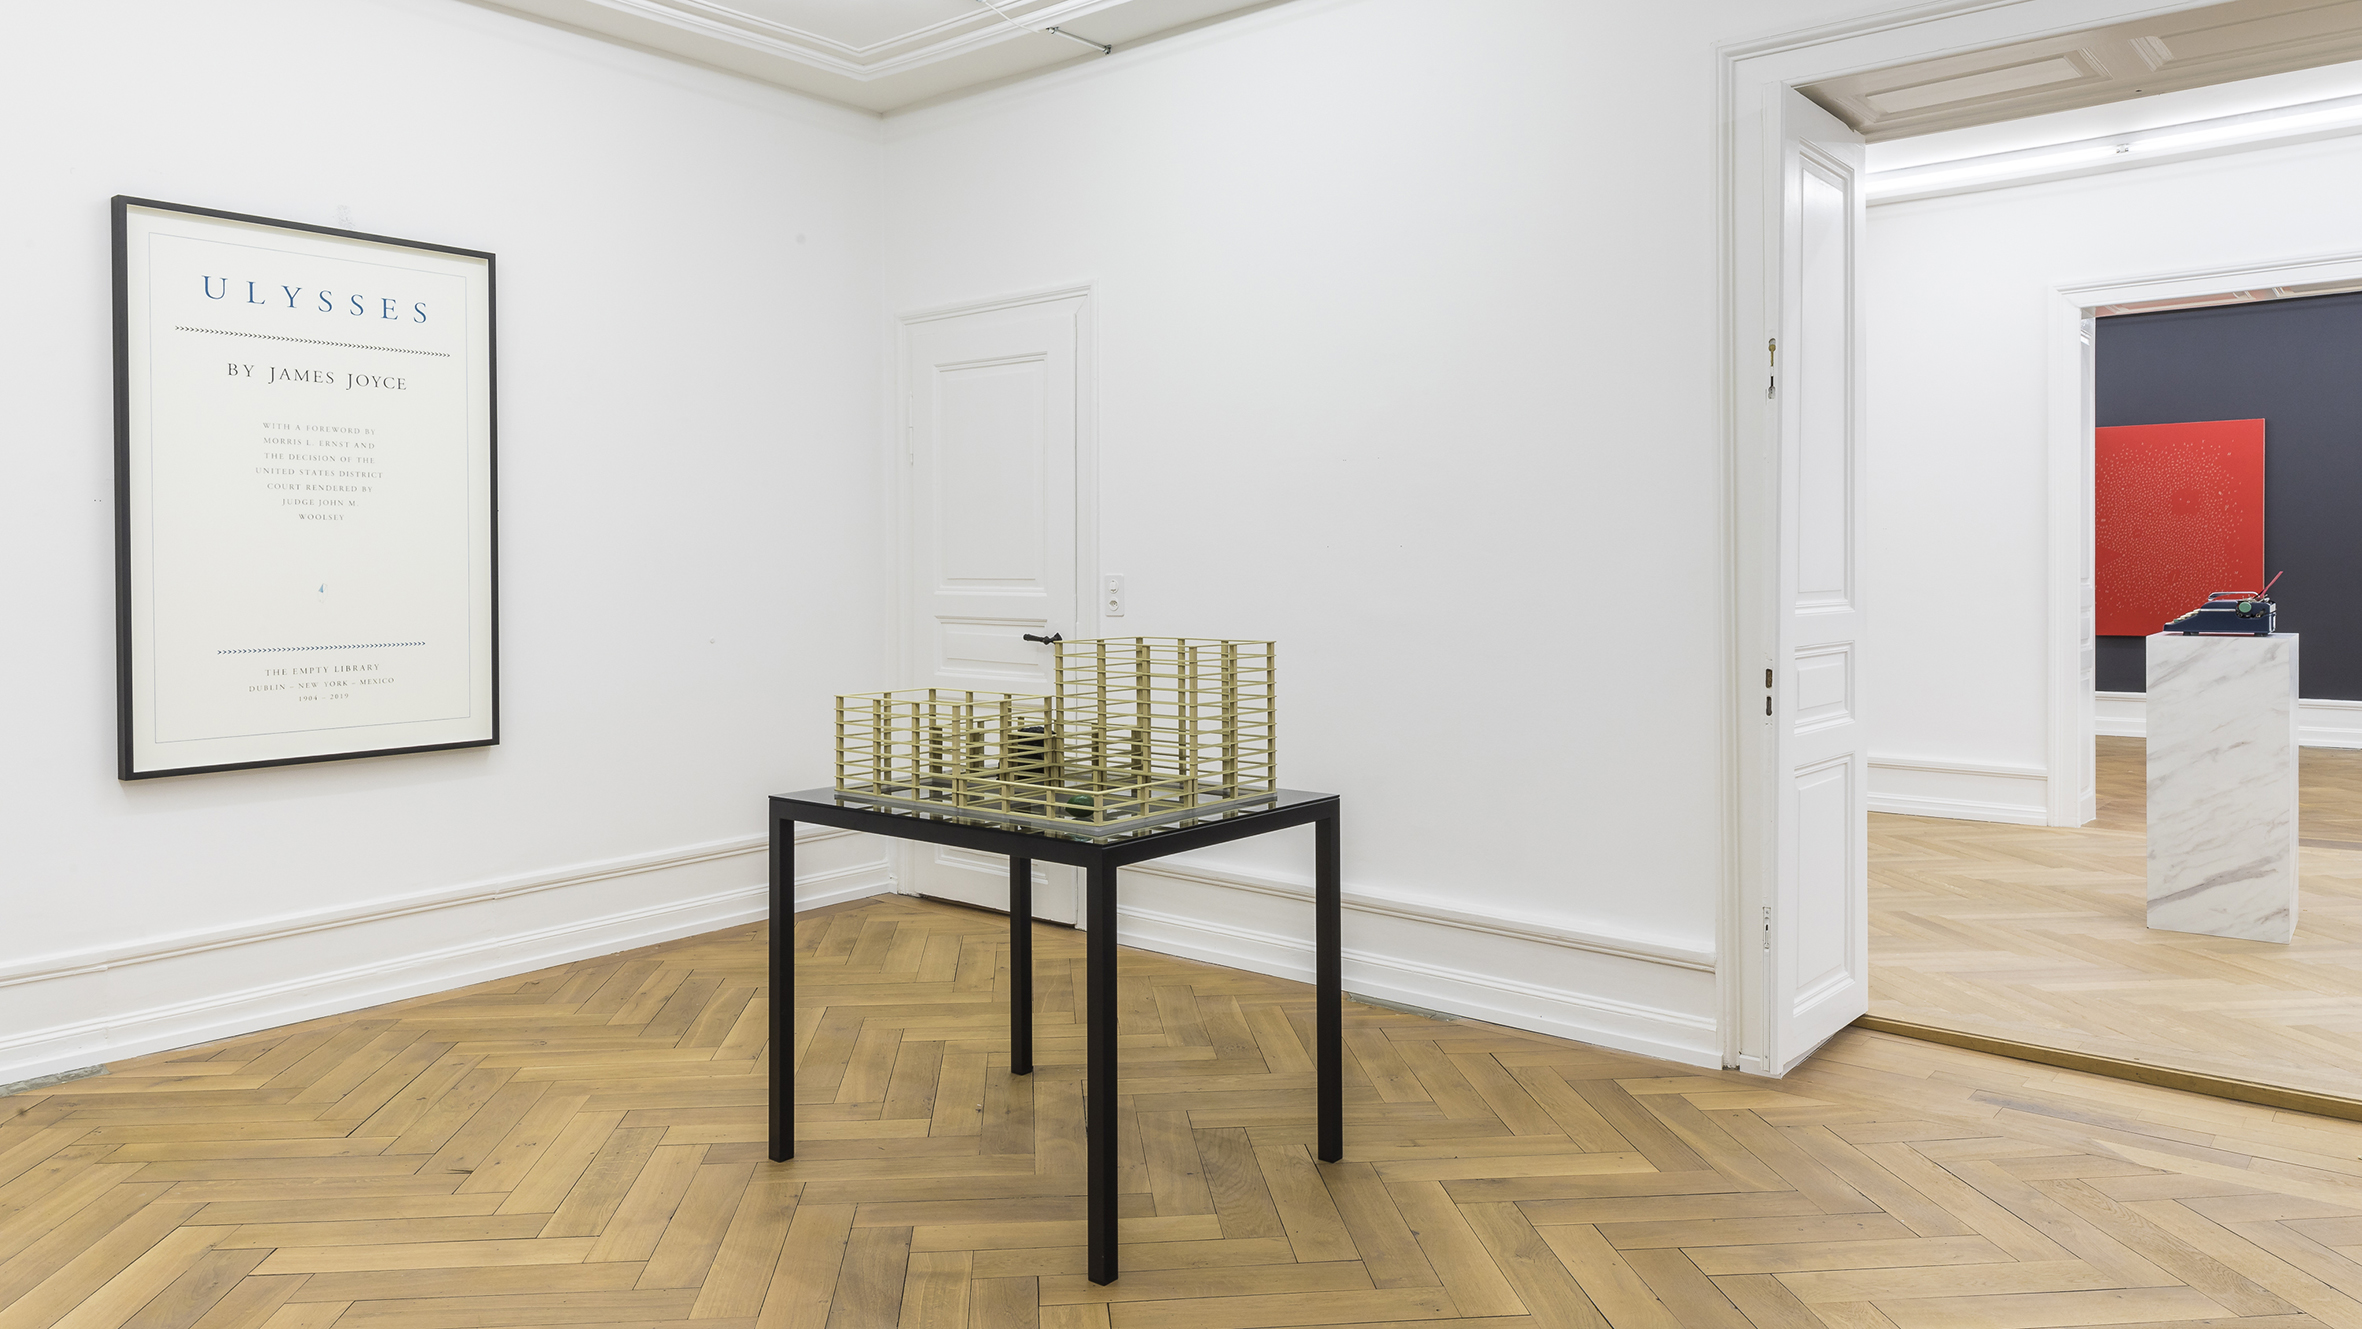 Proyecto para una biblioteca vacía (Para James Joyce) / Project for an Empty Library (For James Joyce)  , 2019  Latón, bronce, espejo negro, metal / Brass, bronce, smoked mirror, iron  113.5 x 98 x 78 cm  Fotografía cortesía de Mai 36 Gallery